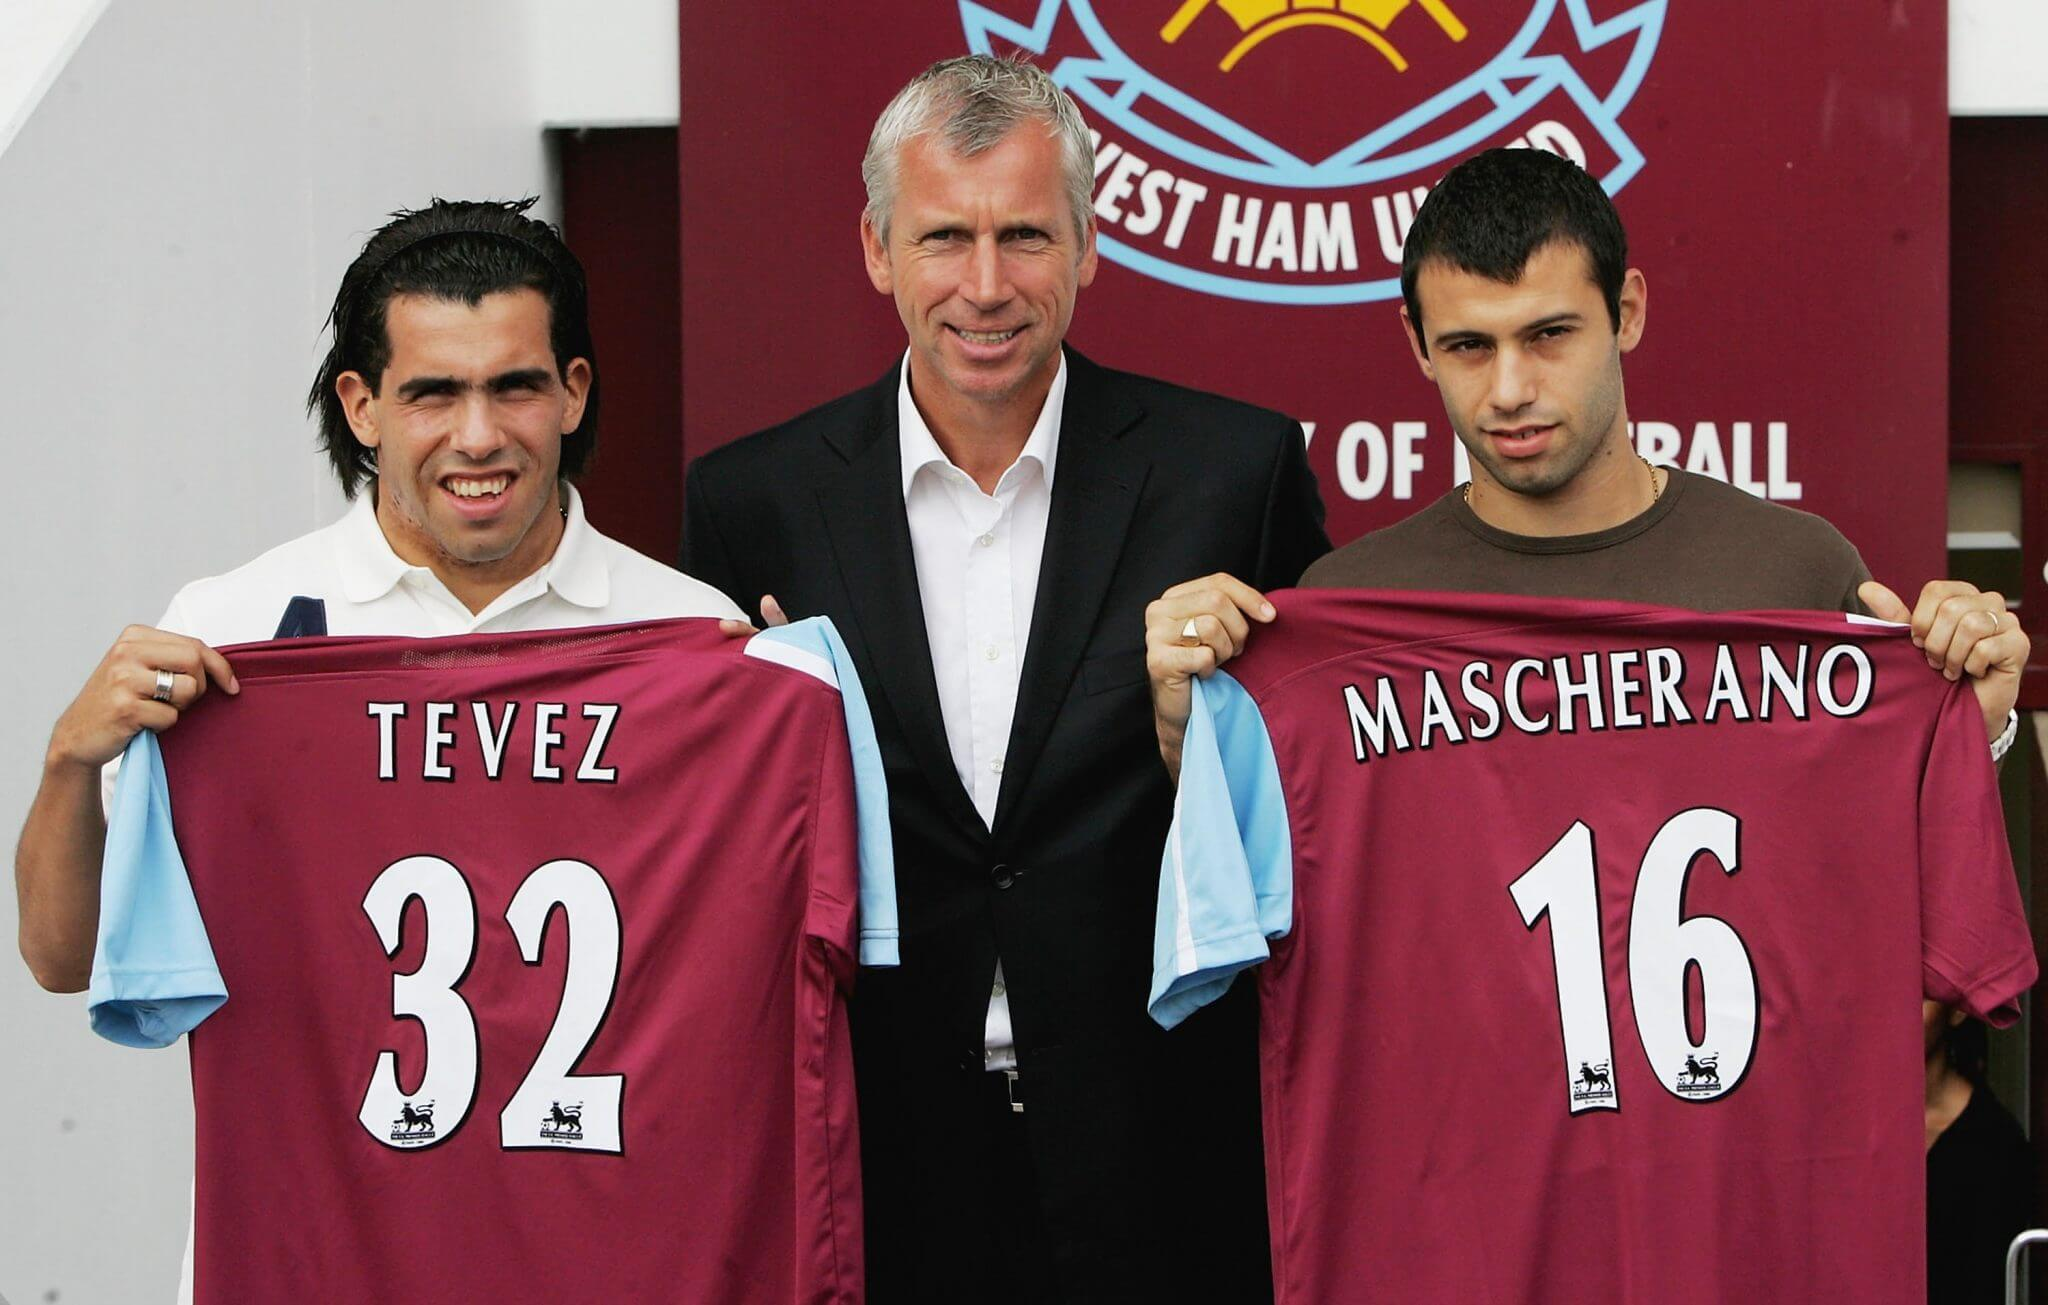 Carlos Tevez (links) und Javier Mascherano kickten gemeinsam für West Ham United. Foto: Getty Images